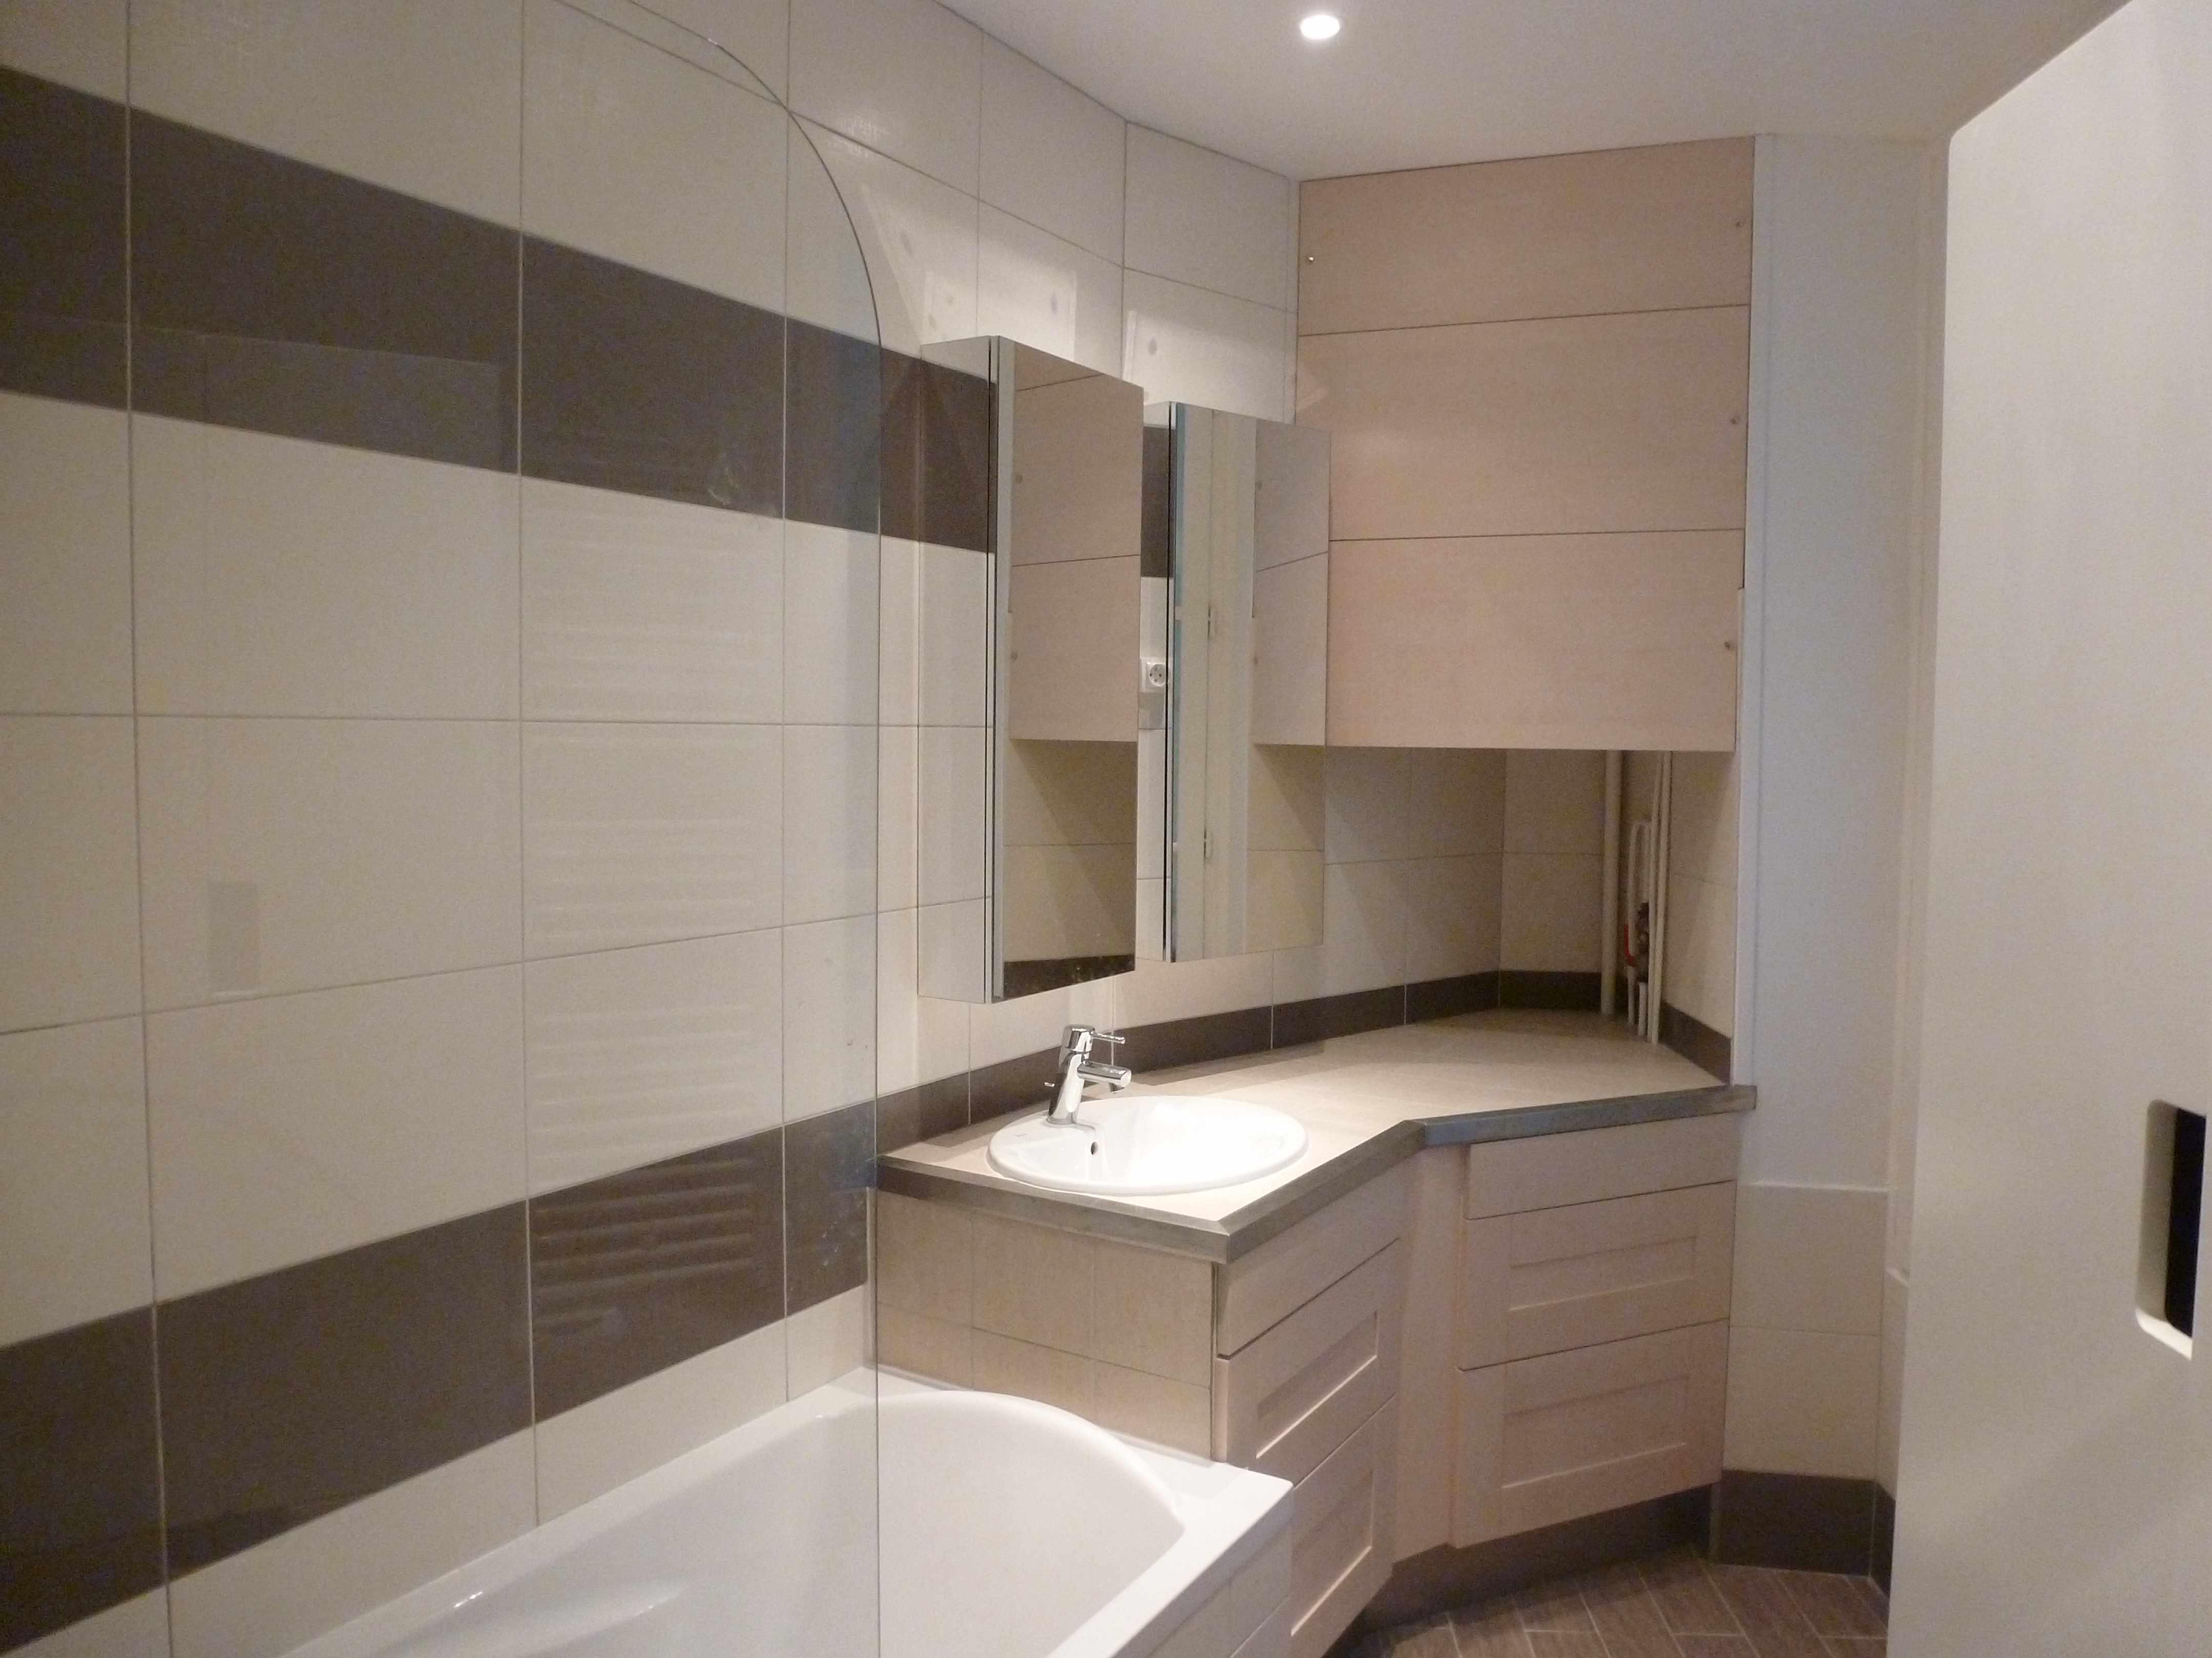 salle de bain paris apres travaux